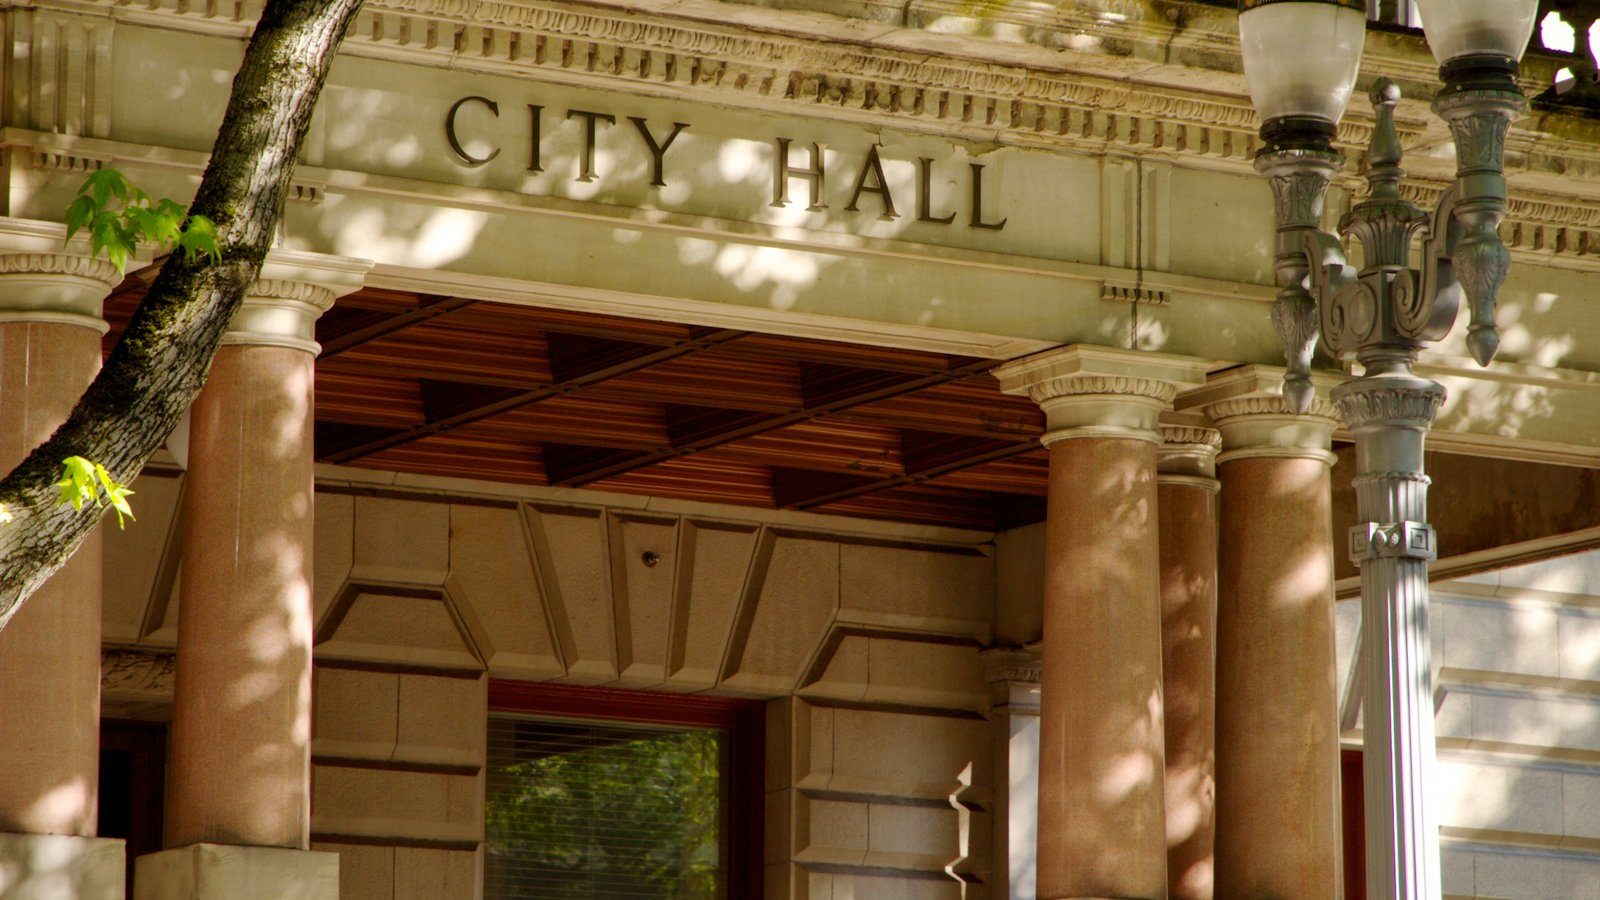 Portland City Hall que incluye patrimonio de arquitectura y señalización